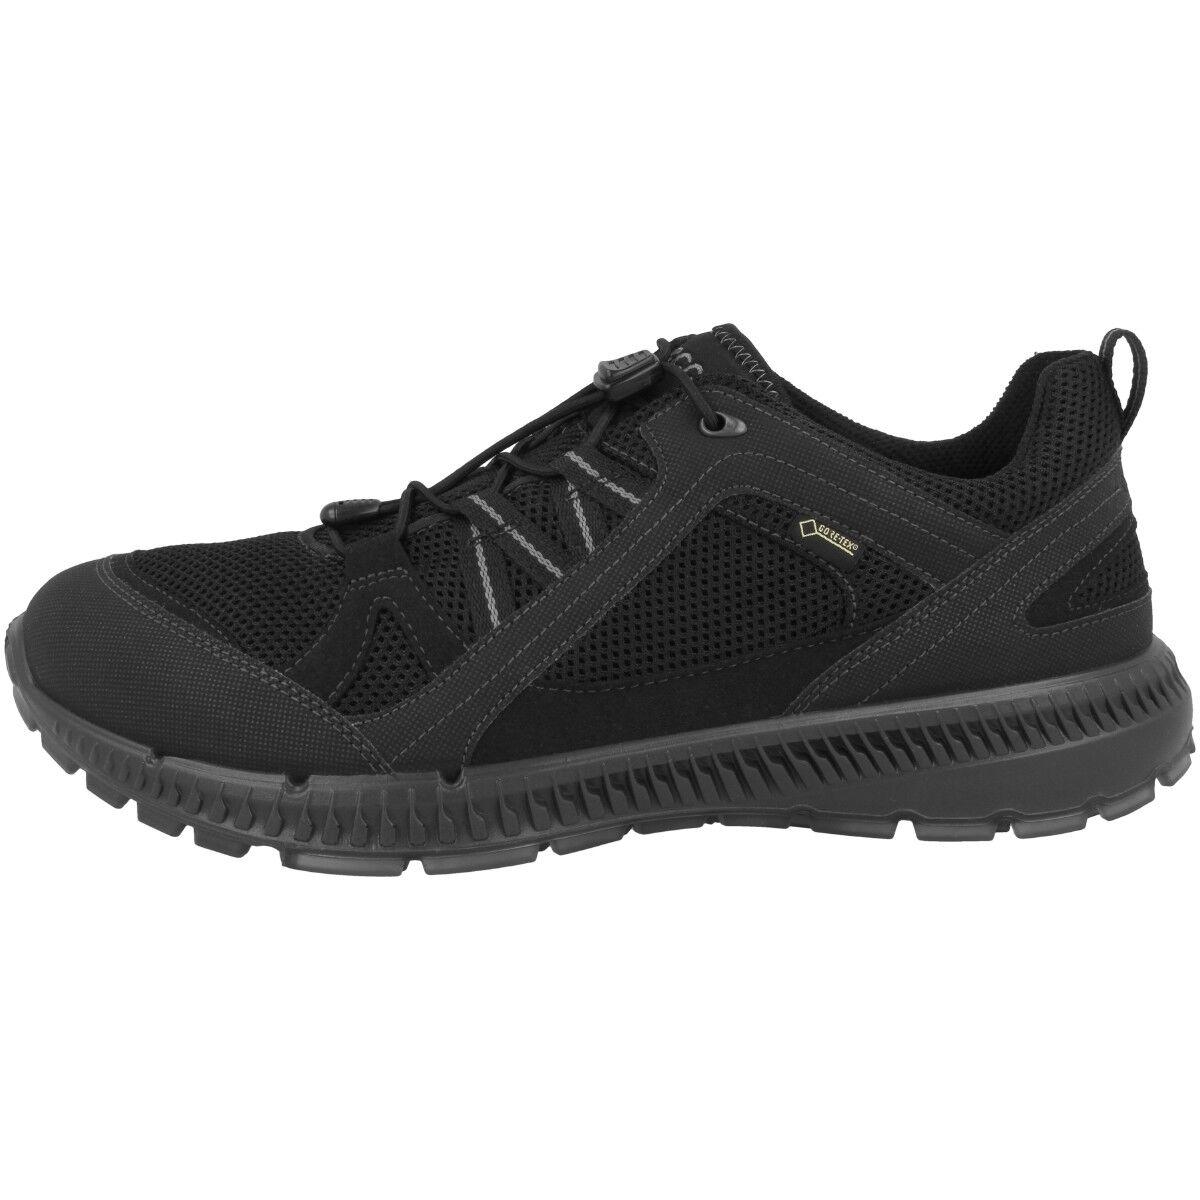 Ecco terracruise II Pitkin GTX Men trekking caballero zapatillas de exterior 843034-52570